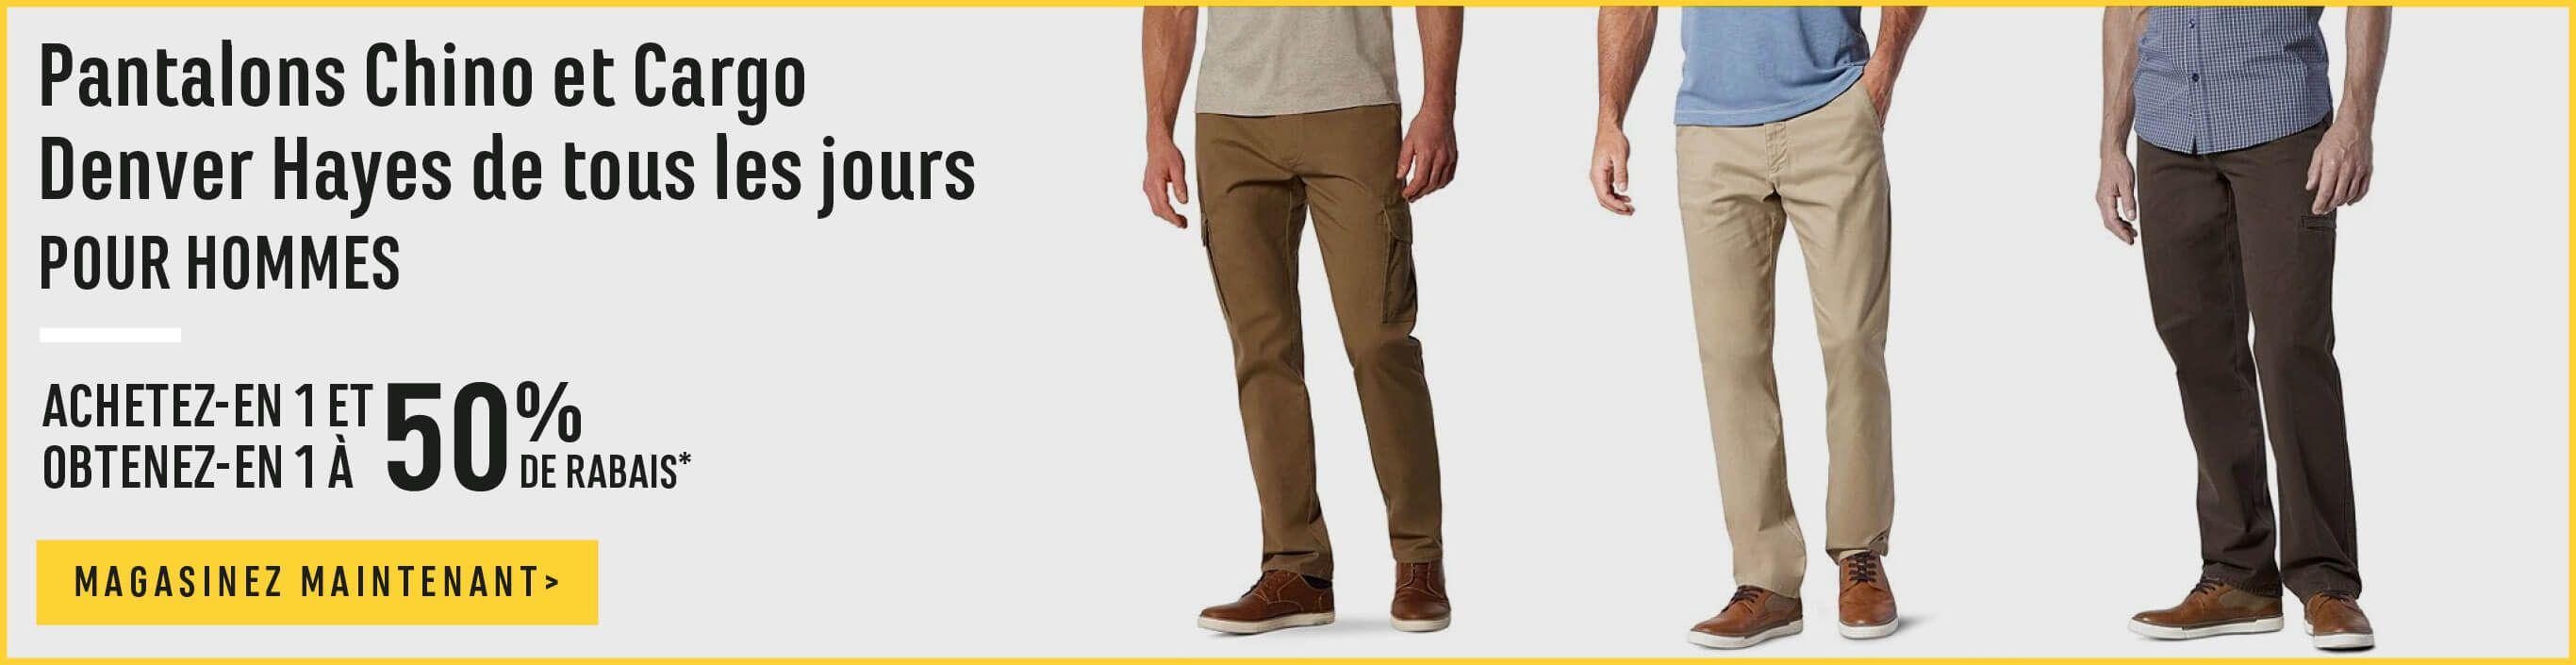 Pantalons Chino et Cargo Denver Hayes de tous les jours pour hommes. Achetez-en 1 et obtenez-en 1 à 50% de rabais - magasinez maintenant